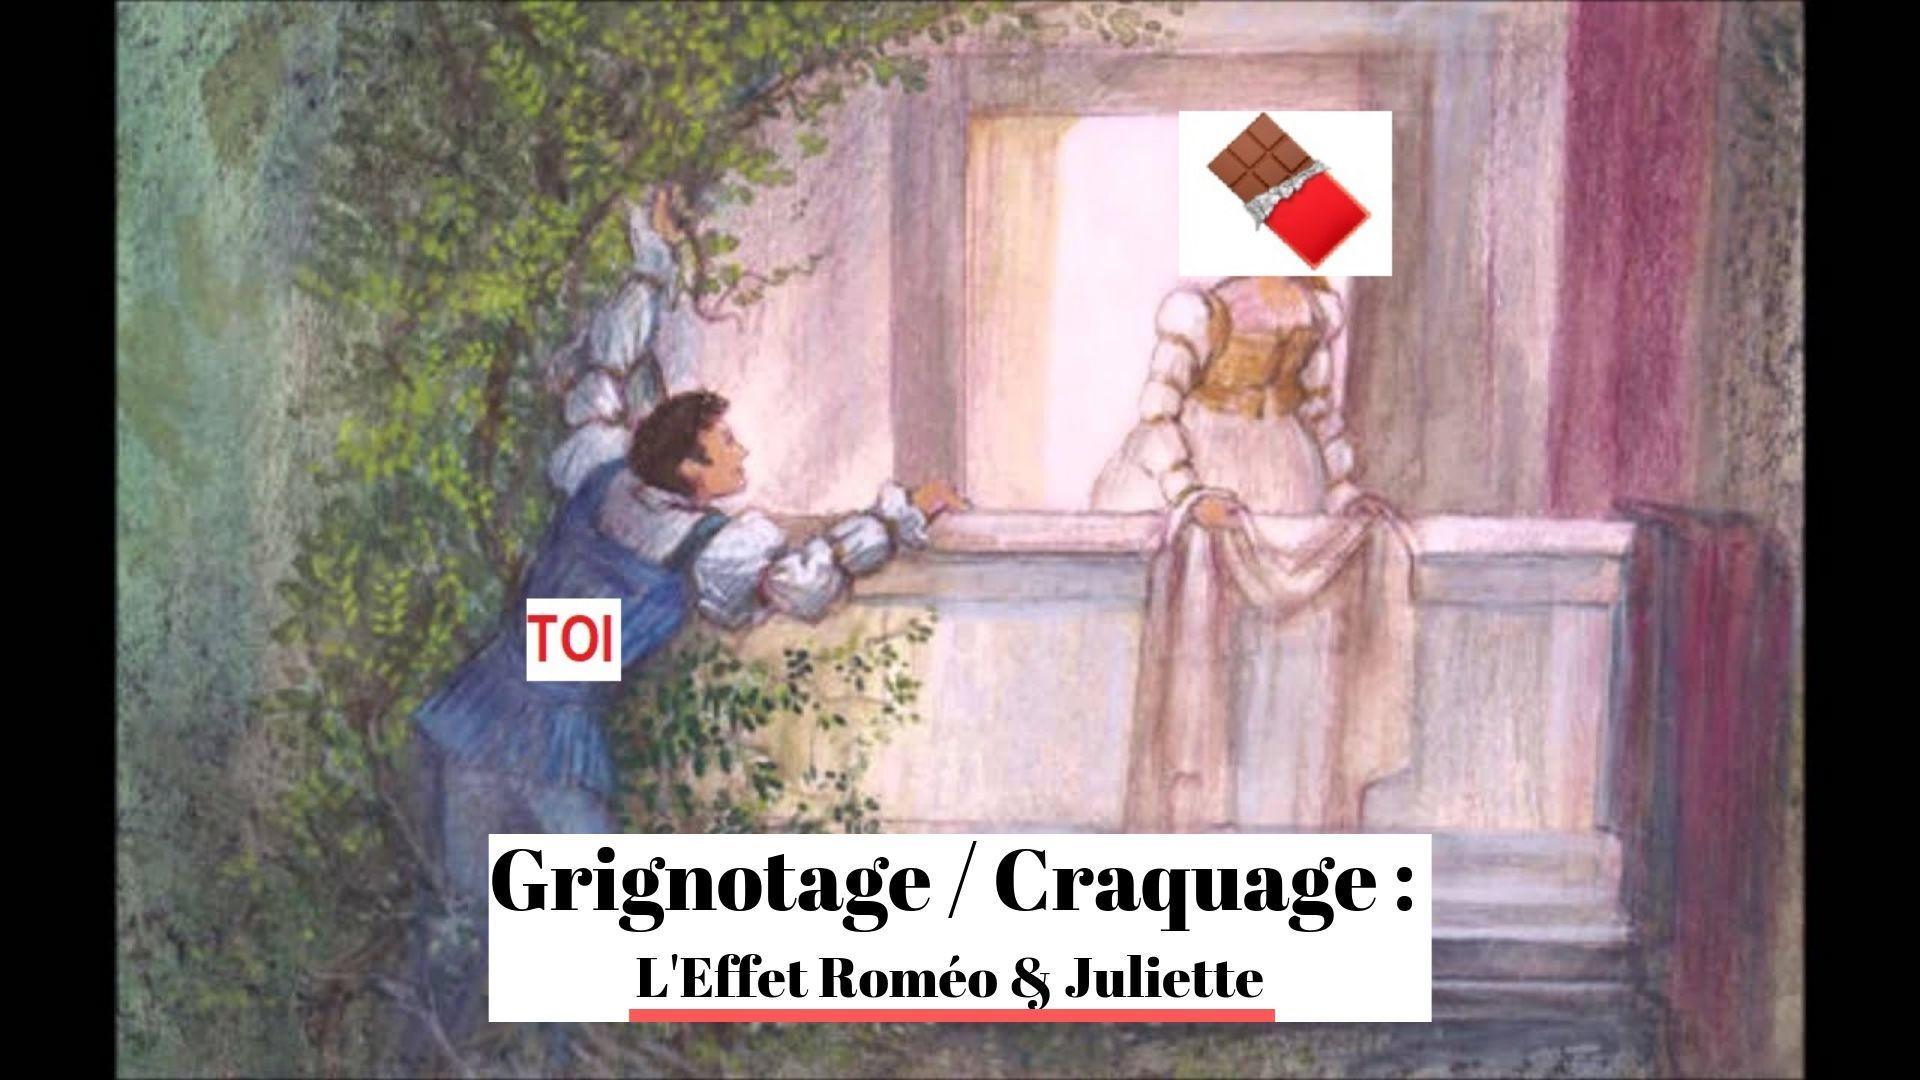 Grignotage _ Craquage _ L'Effet Roméo & Juliette (1)